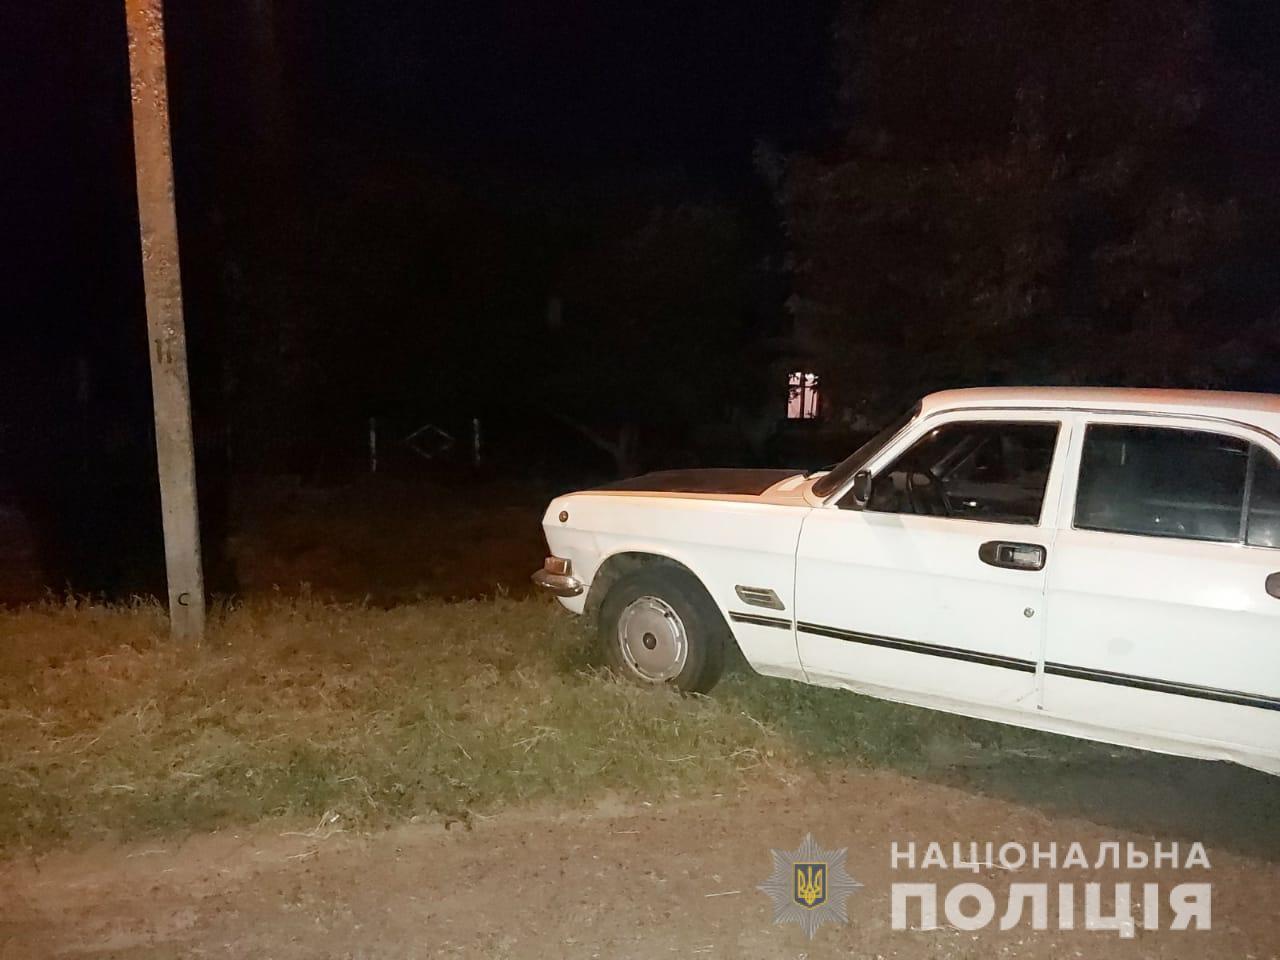 Під Дніпром водій наїхав на поліцейського. Фото пресслужби ГУ НП в Дніпропетровській області